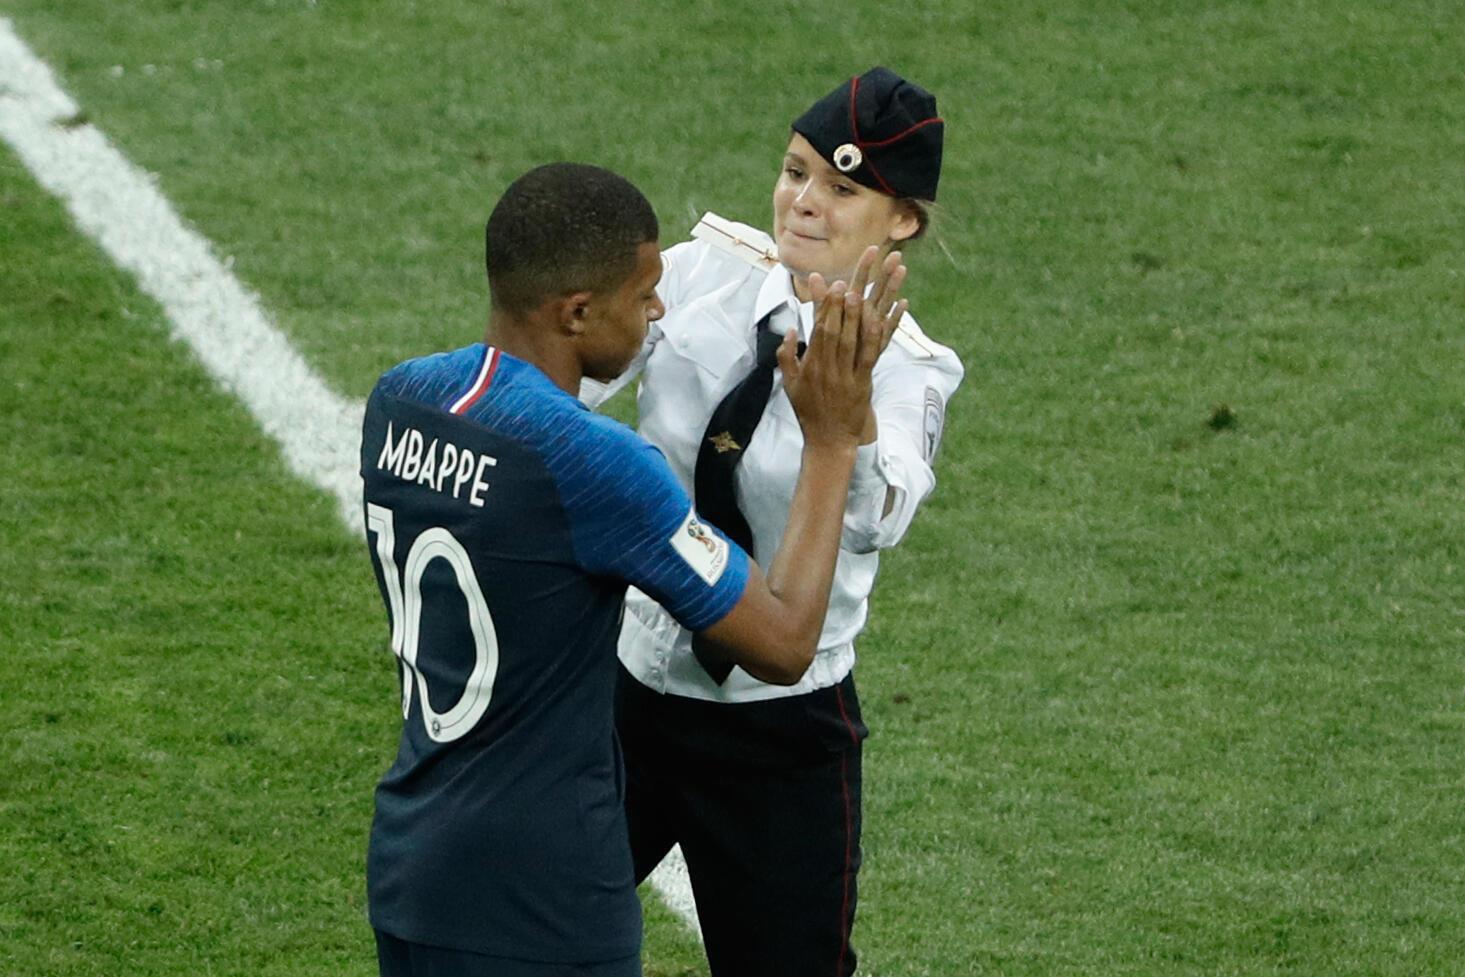 Участница Pussy Riot успела «дать пять» французскому нападающему Килиану Мбаппе